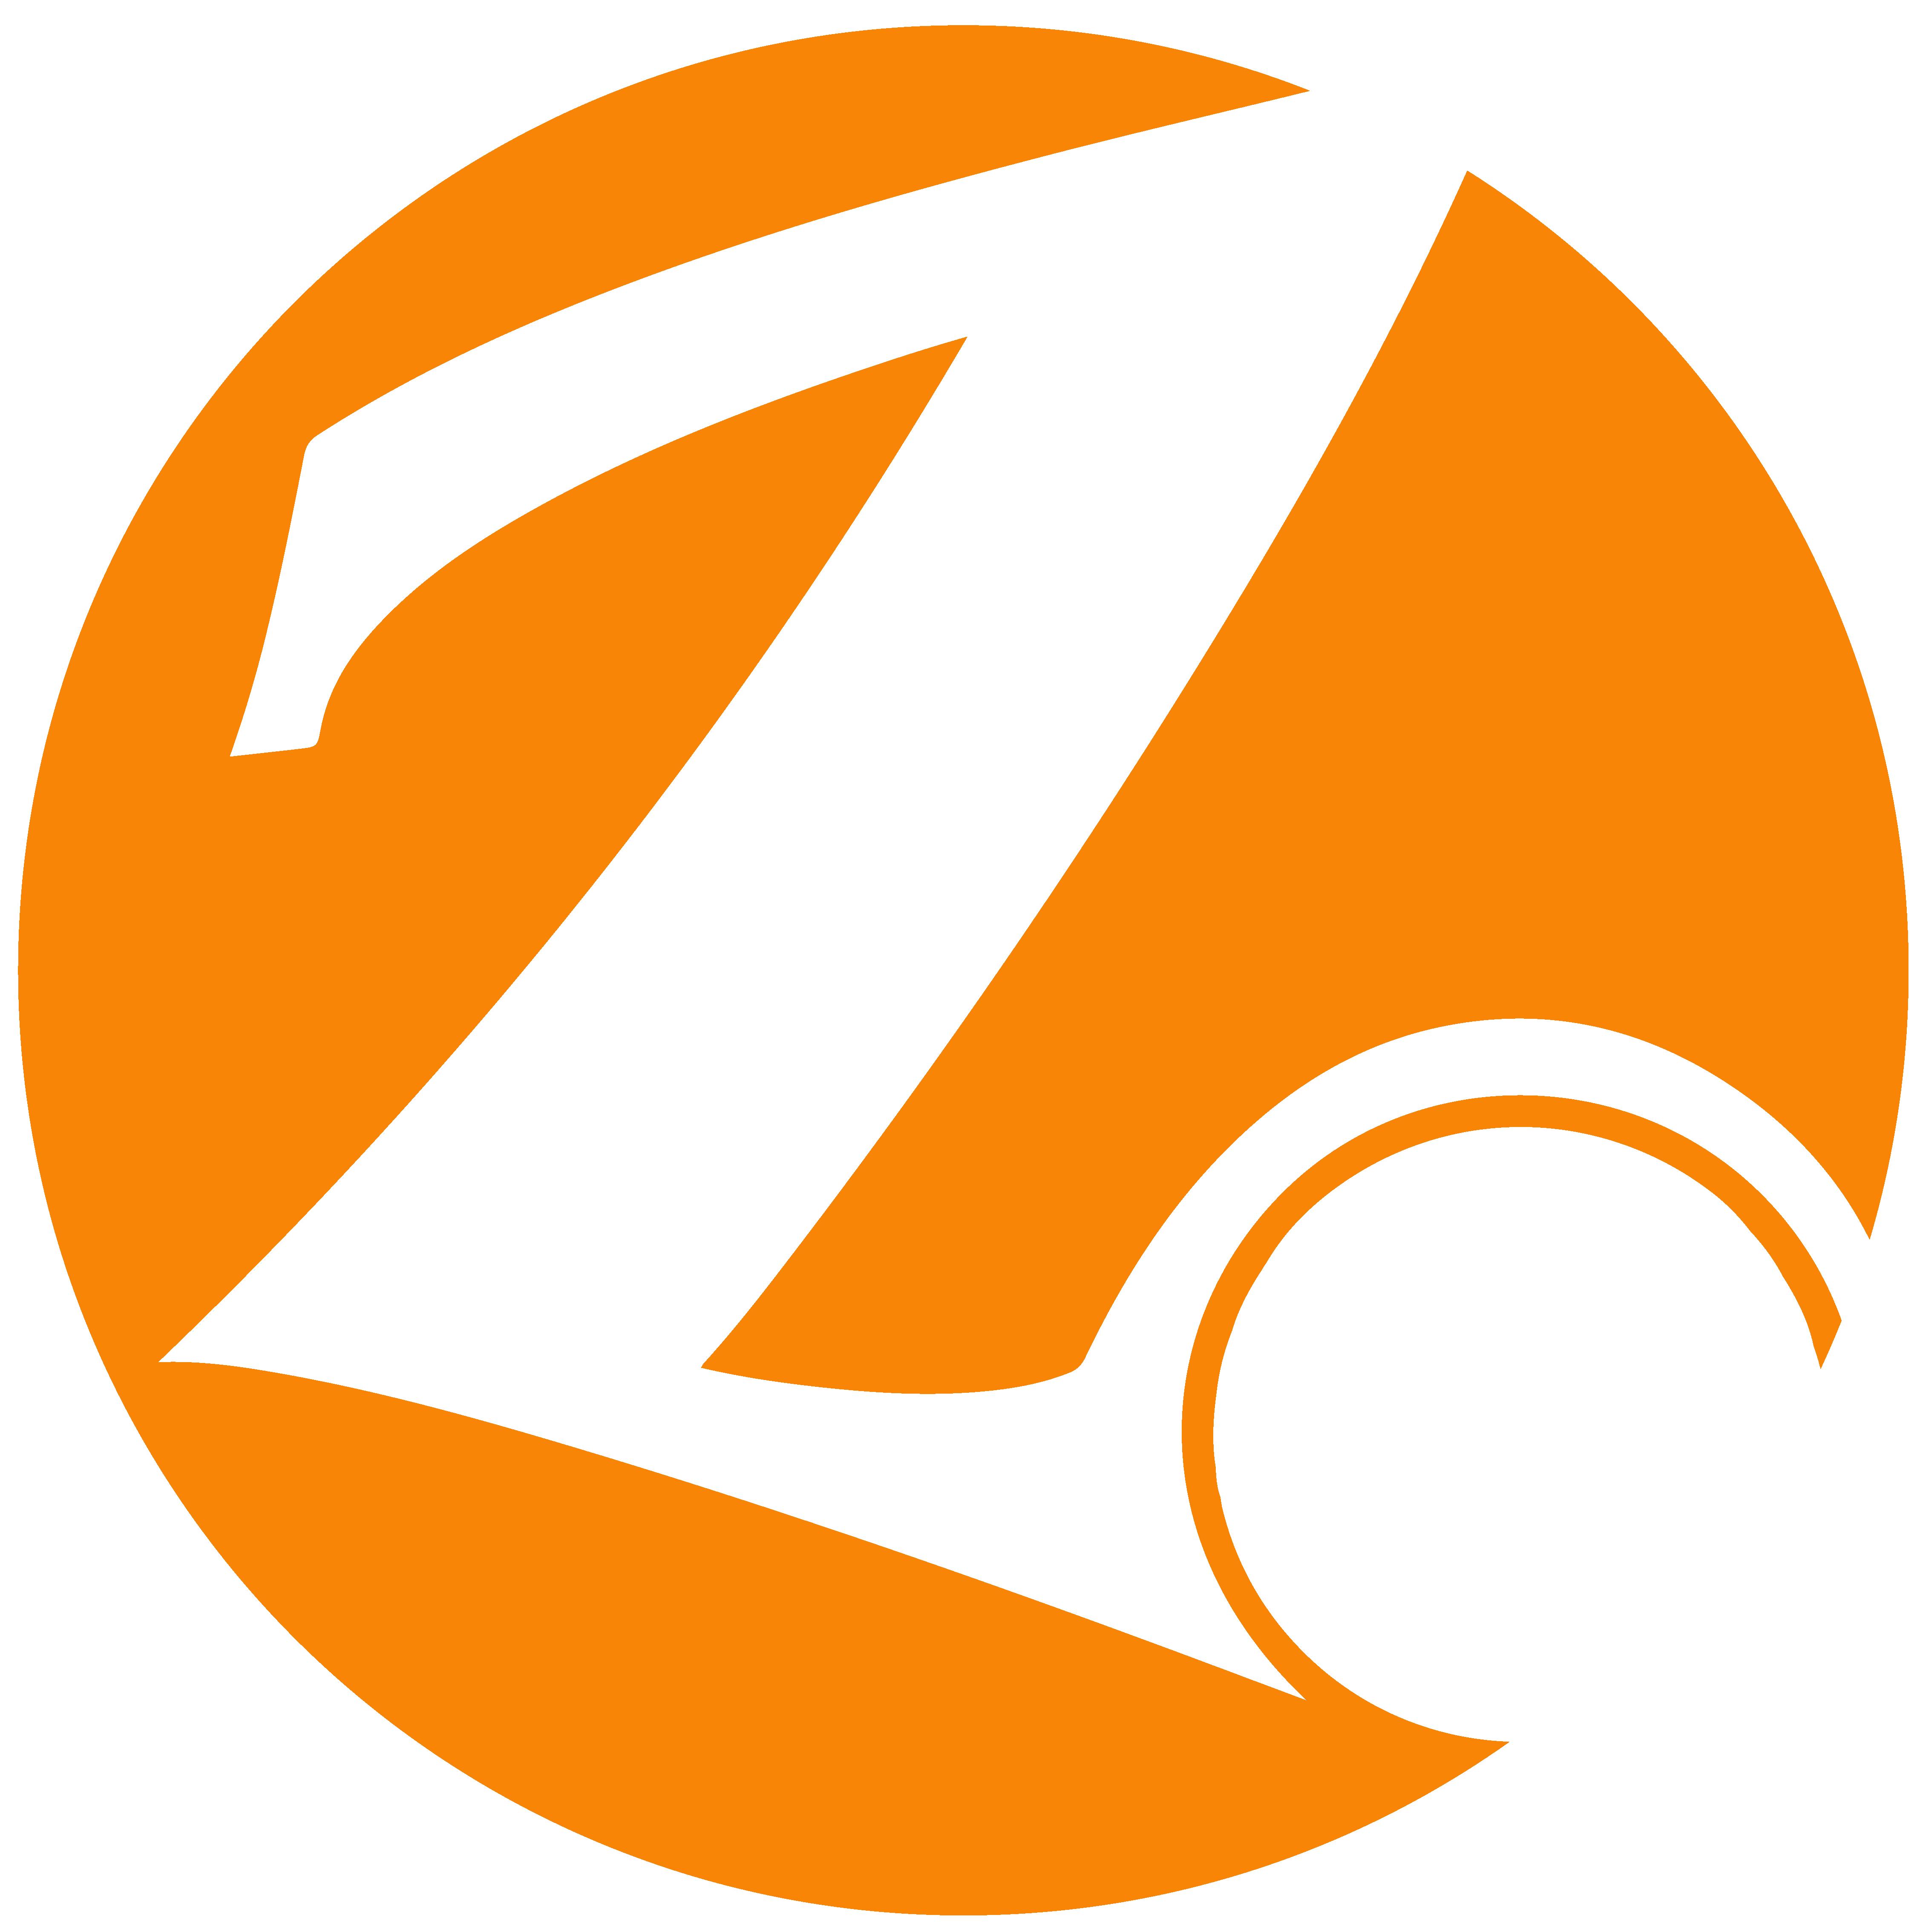 Z Logo png